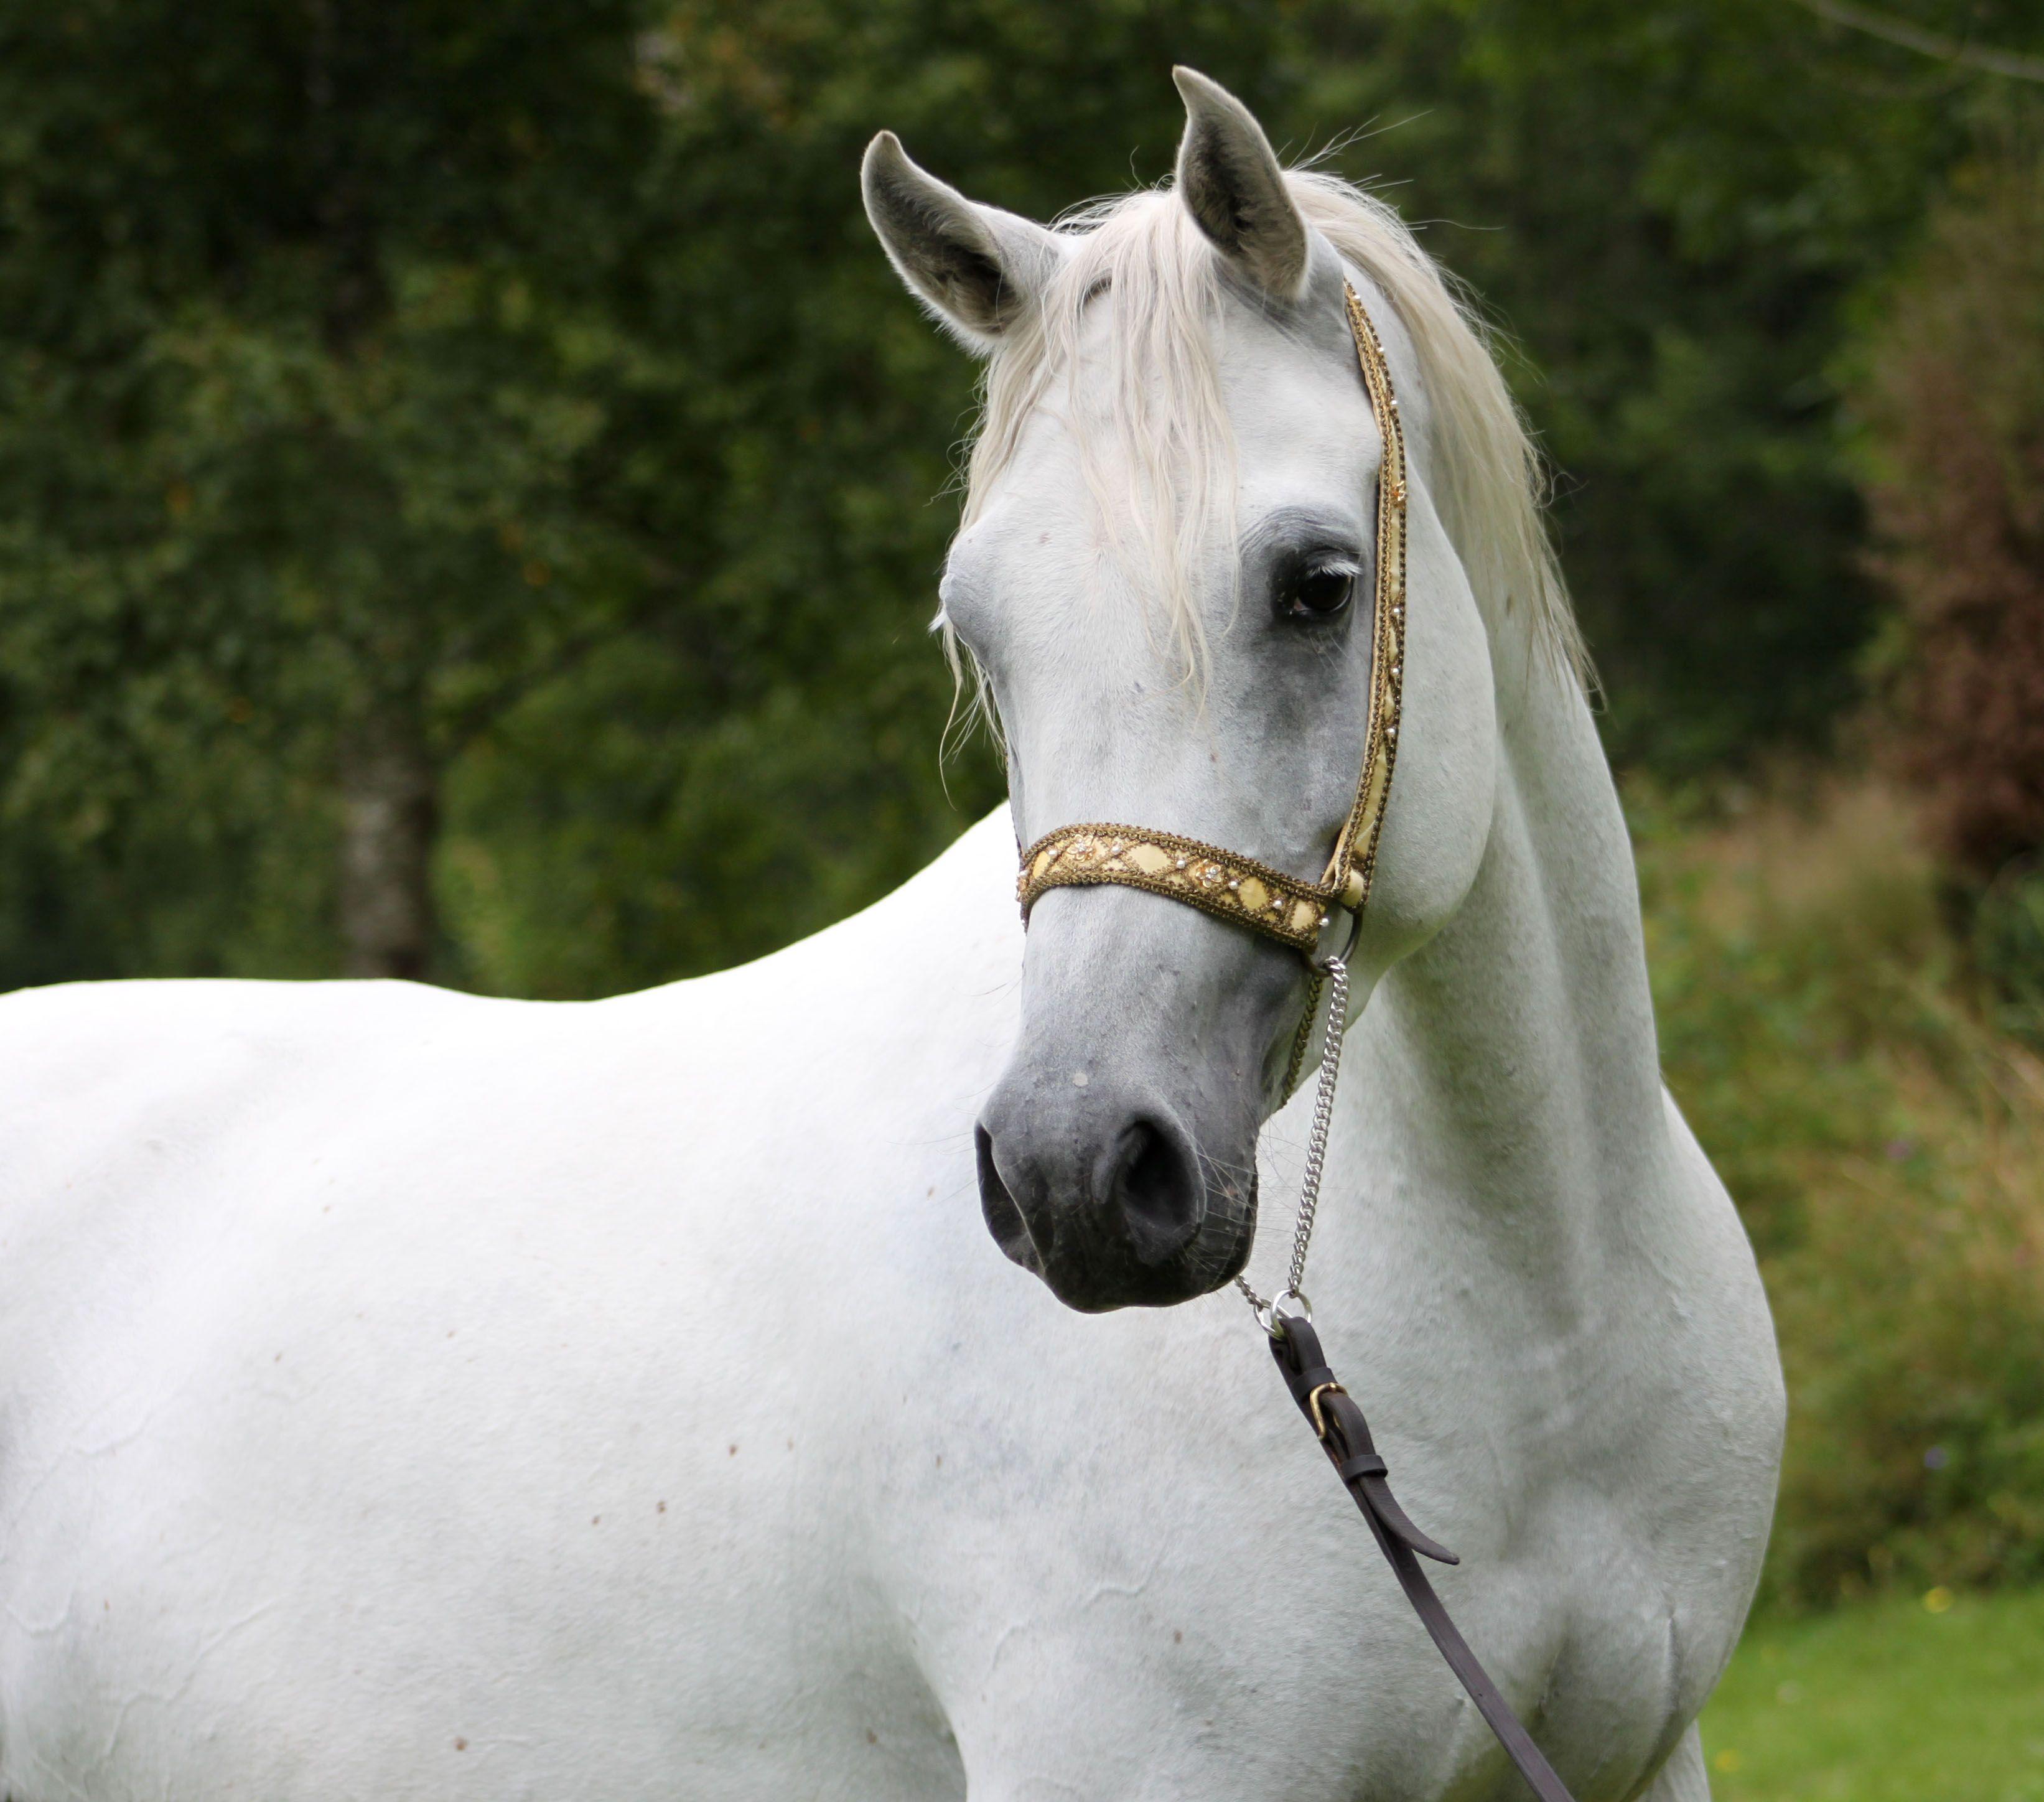 White Arabian Horses White Arabian Horse Wallpaper Forwallpaper